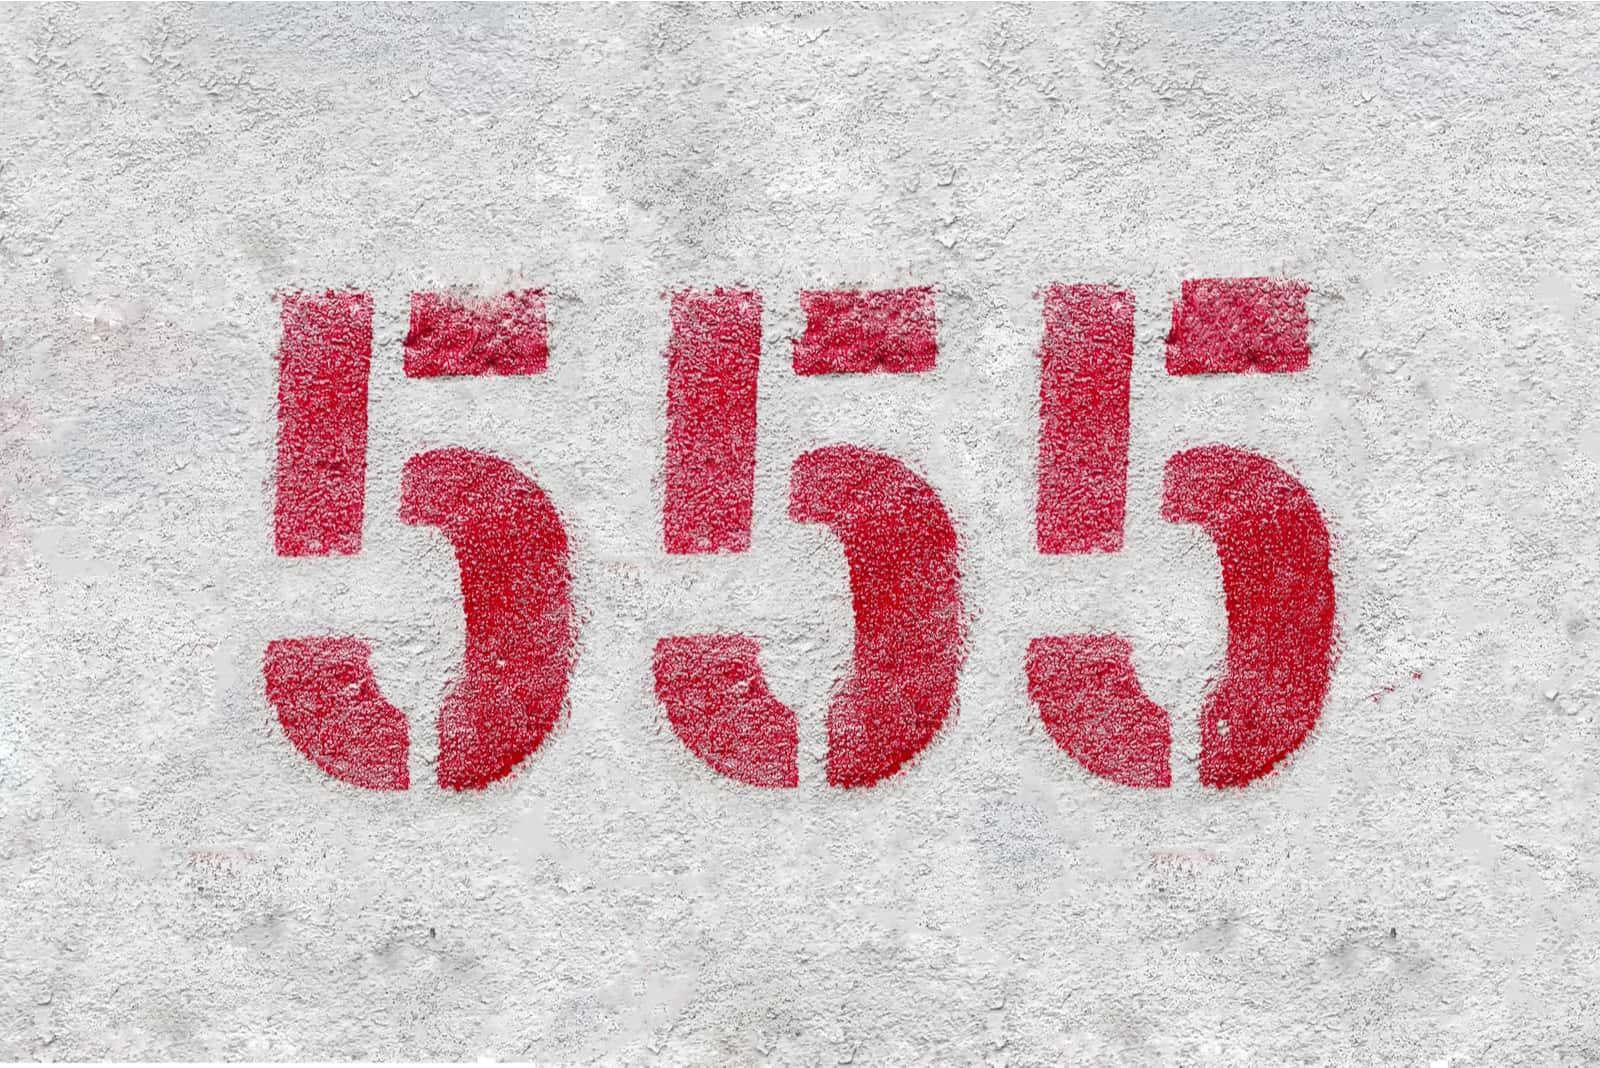 numéro 555 sur fond gris